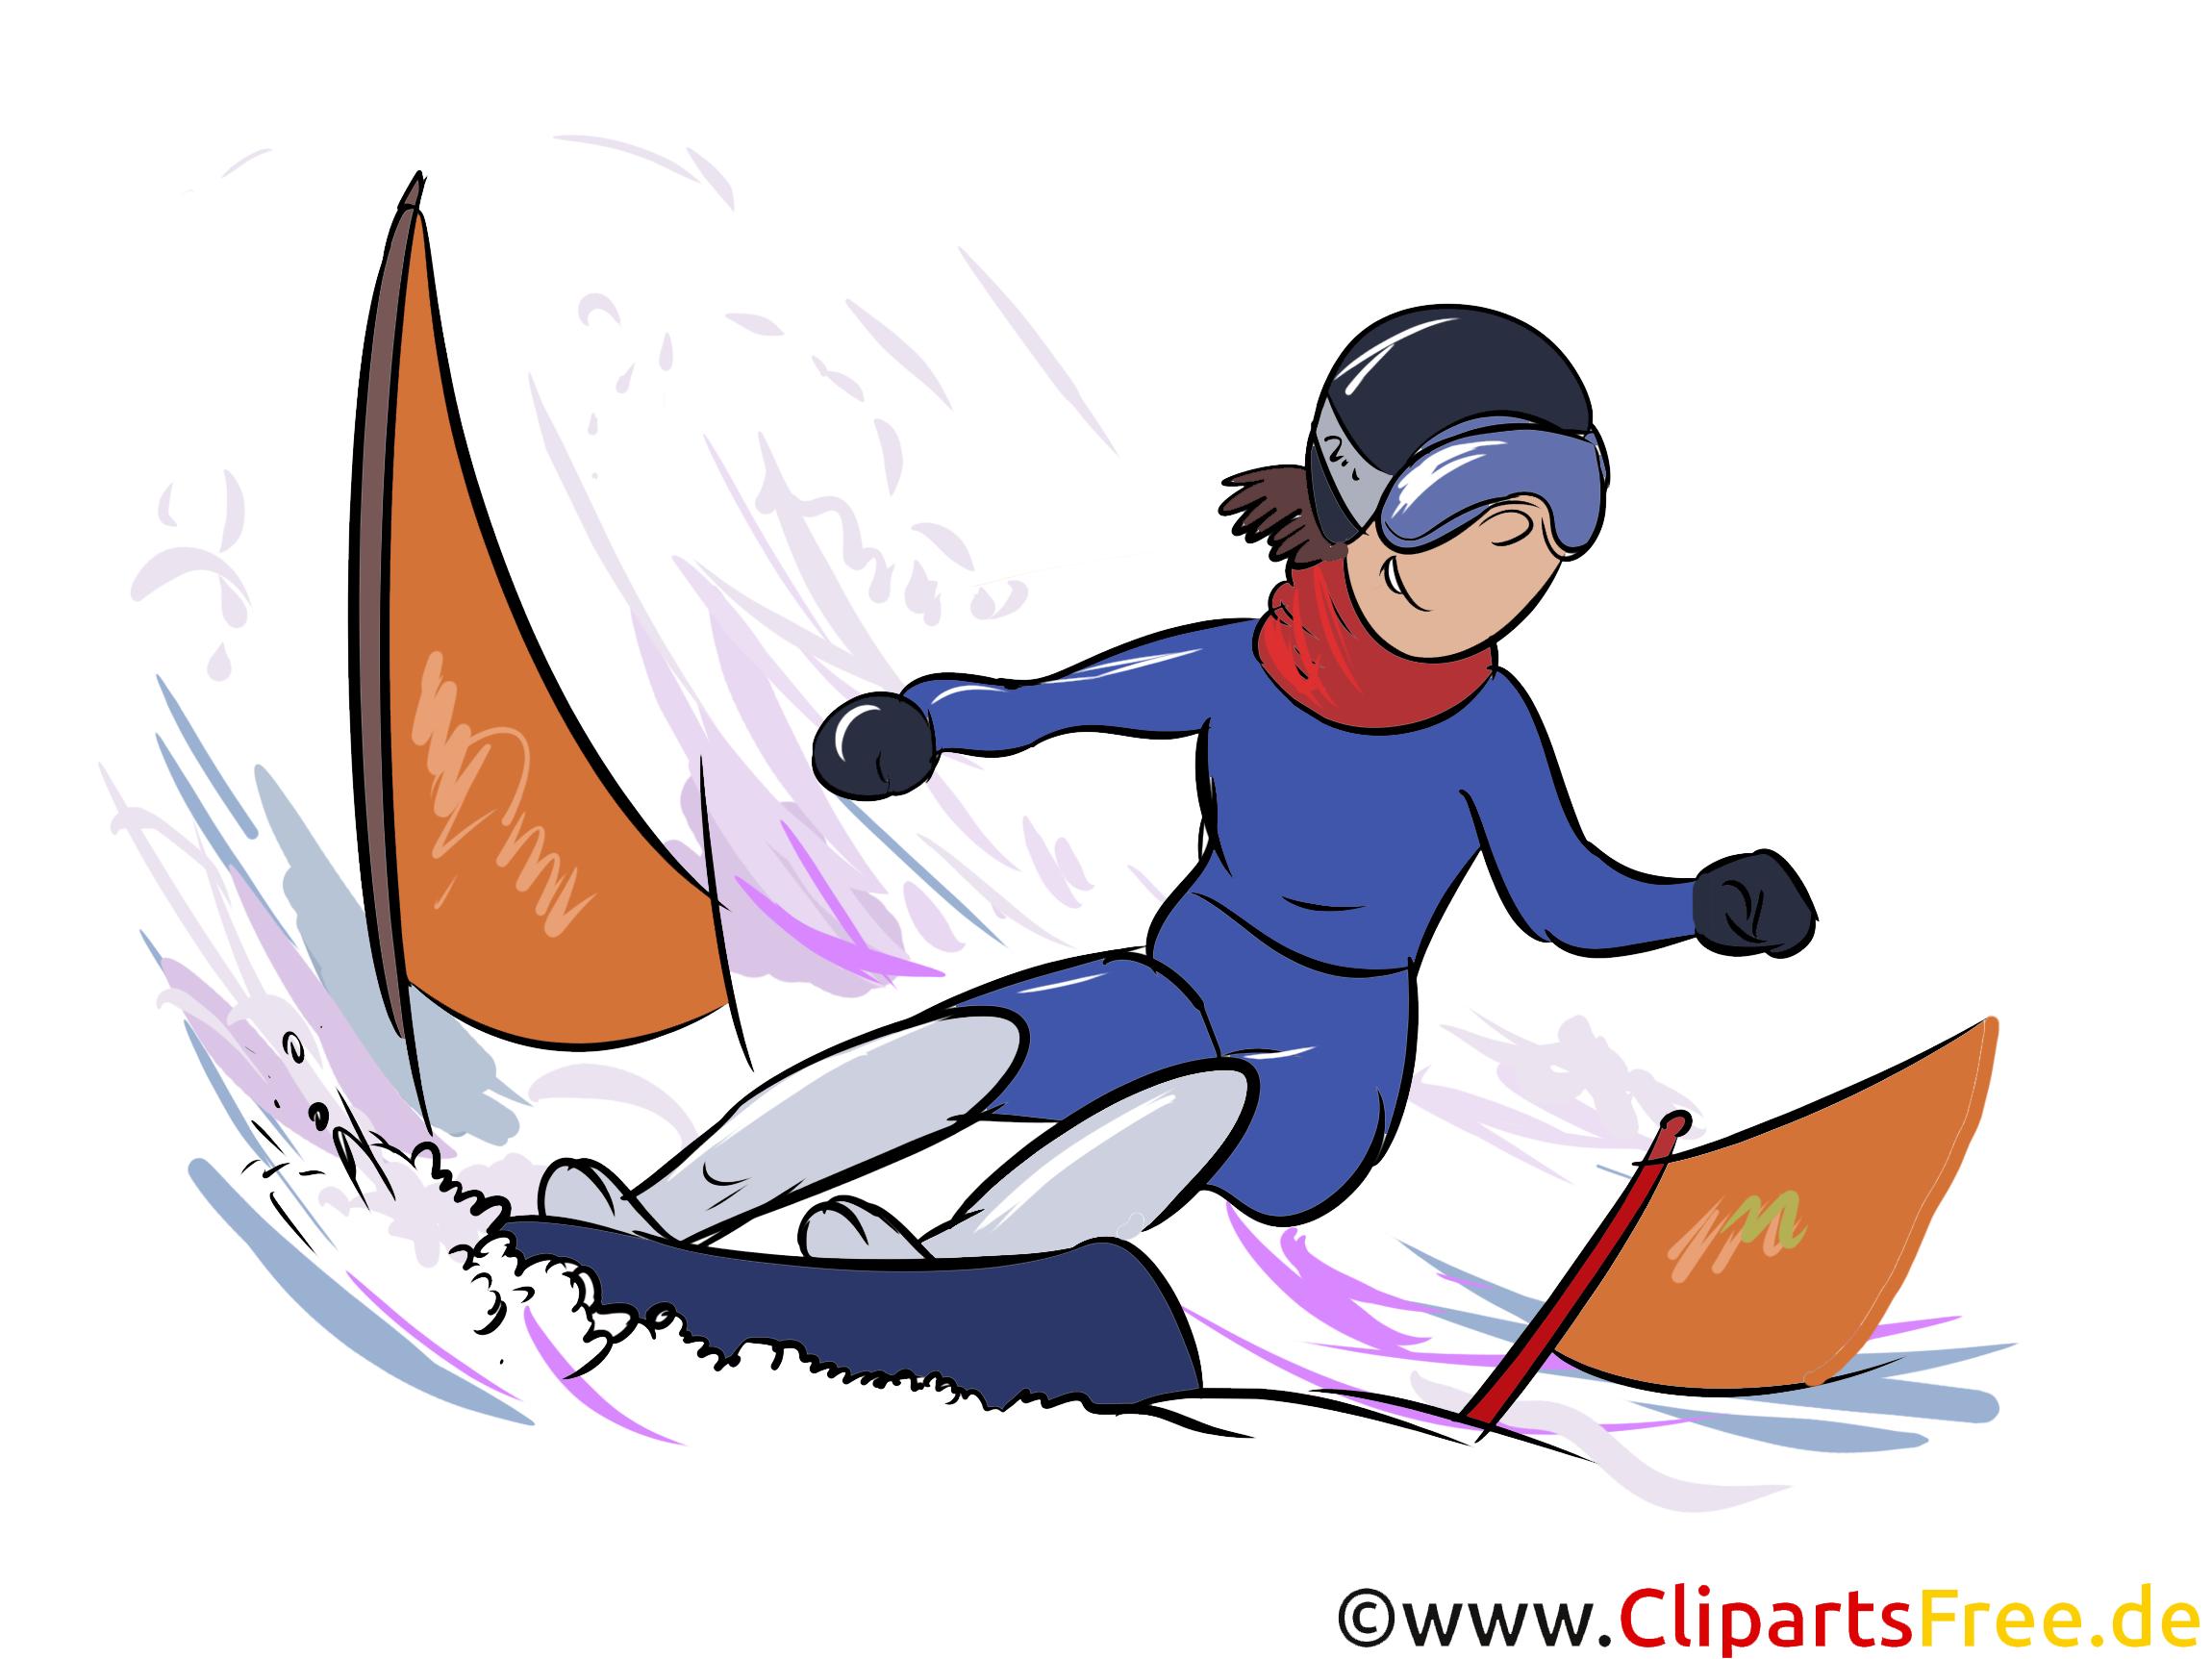 Snowboard Clipart, Bild, Illustration - Wintersportarten Bilder